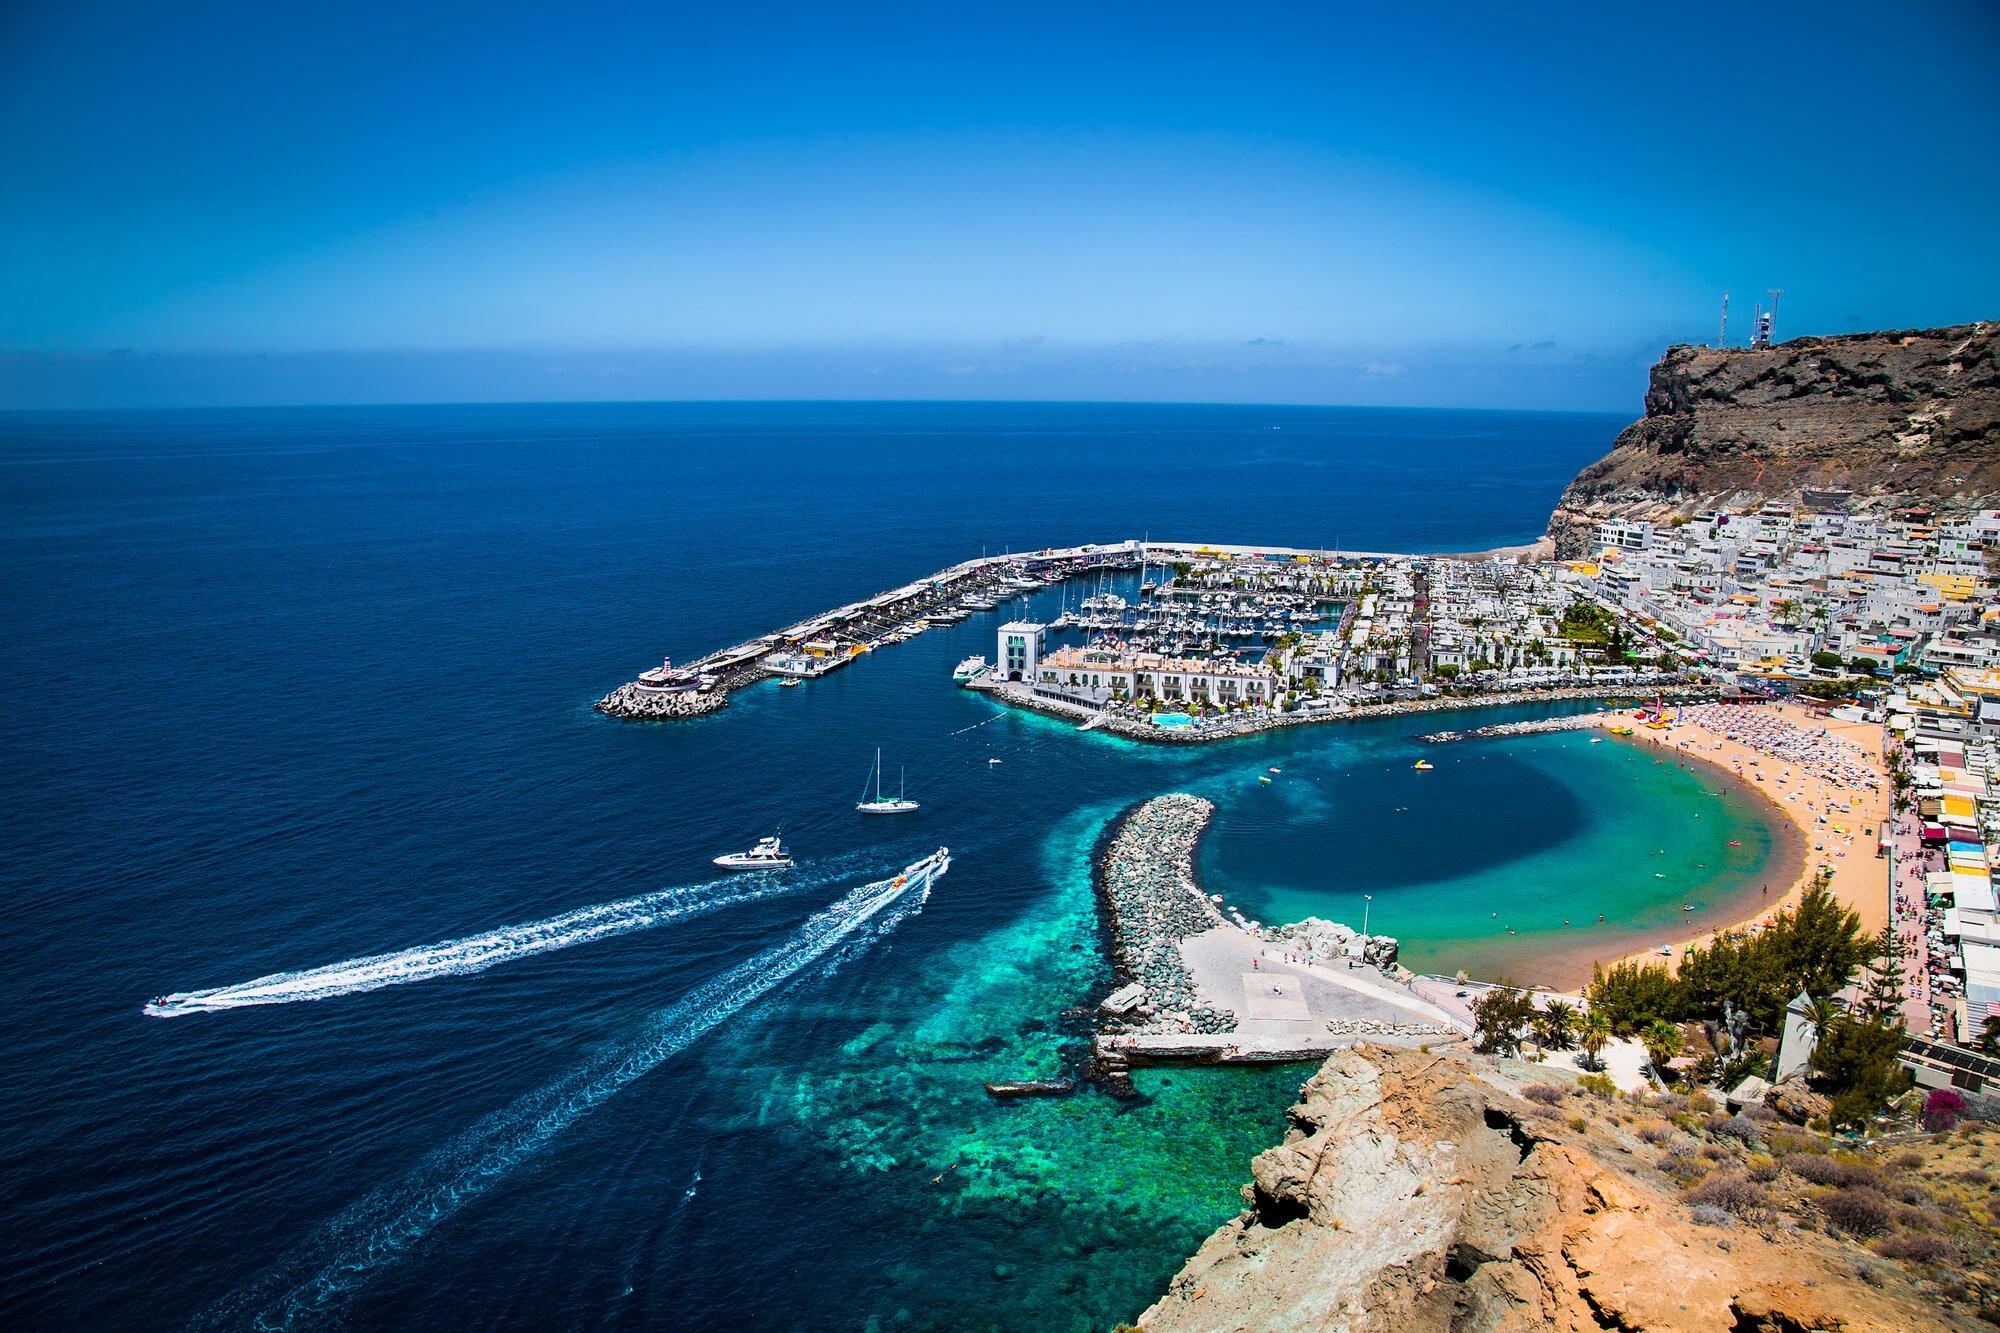 Ferien in Gran Canaria und Alicante: Traumreiseziel